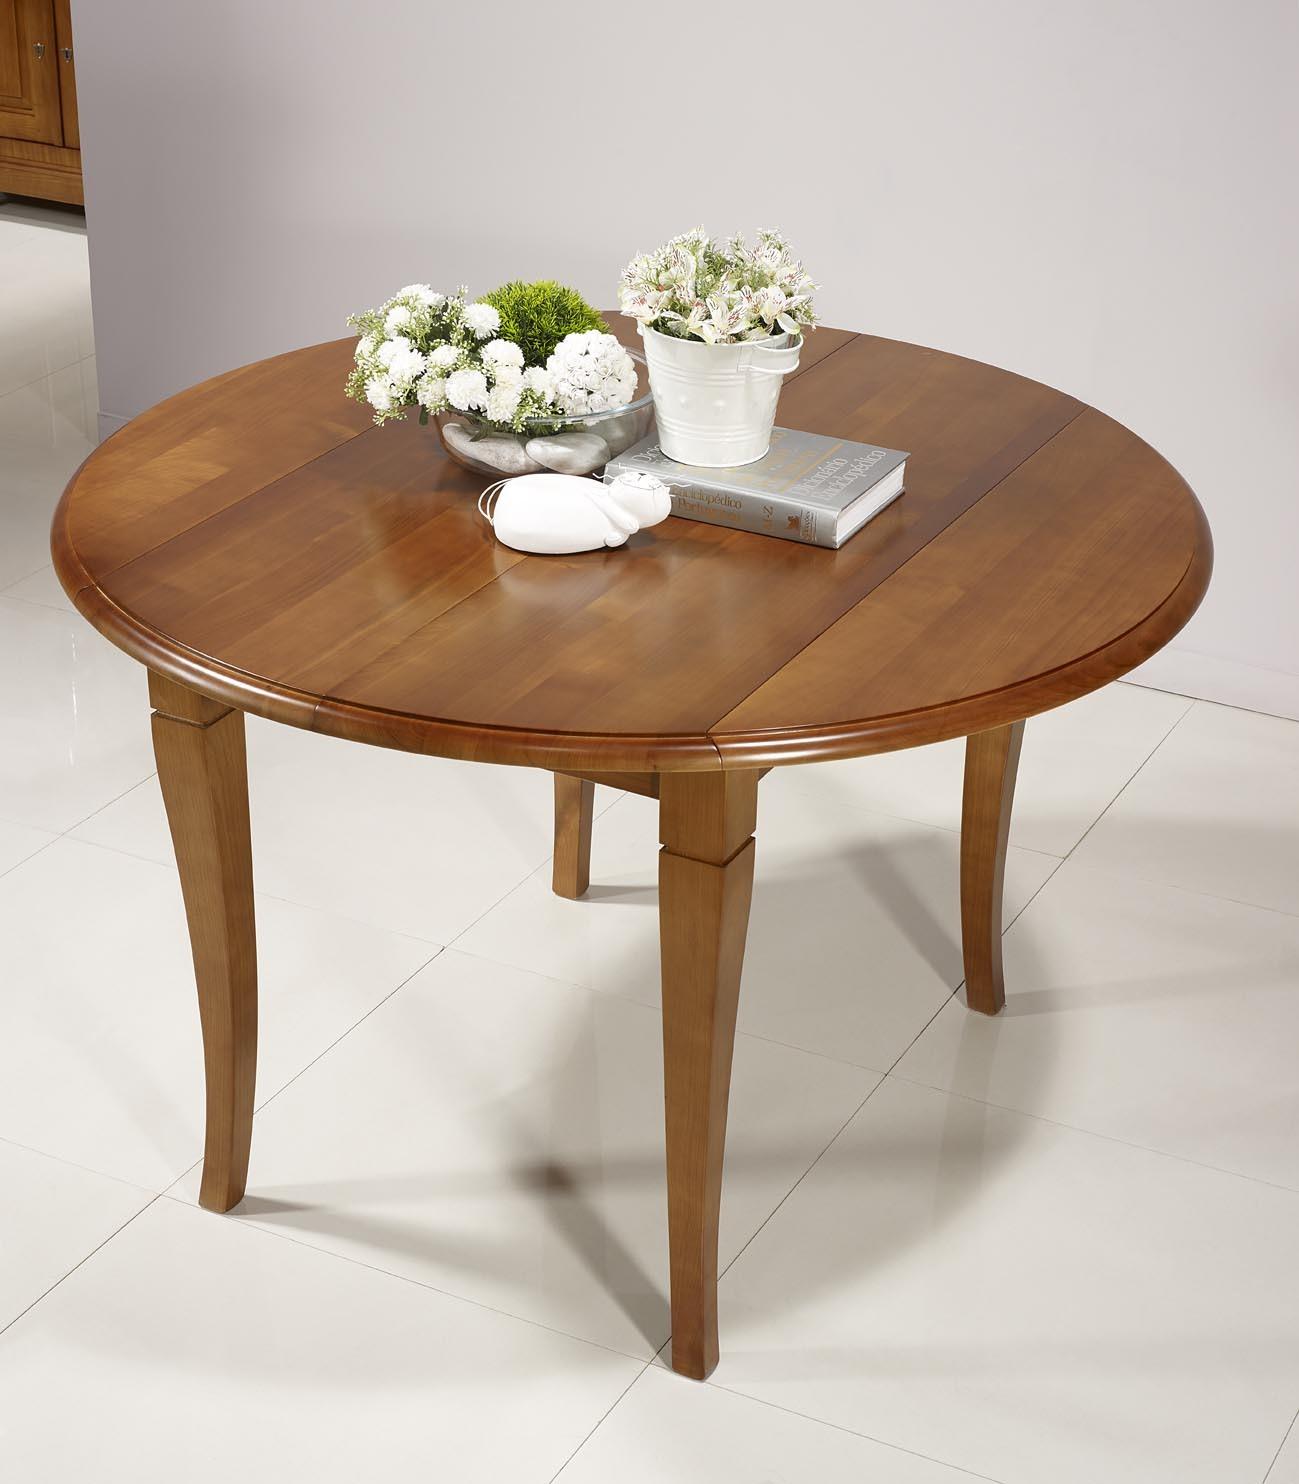 Table ovale 135x110 volets en merisier massif de style for Table ovale en bois massif